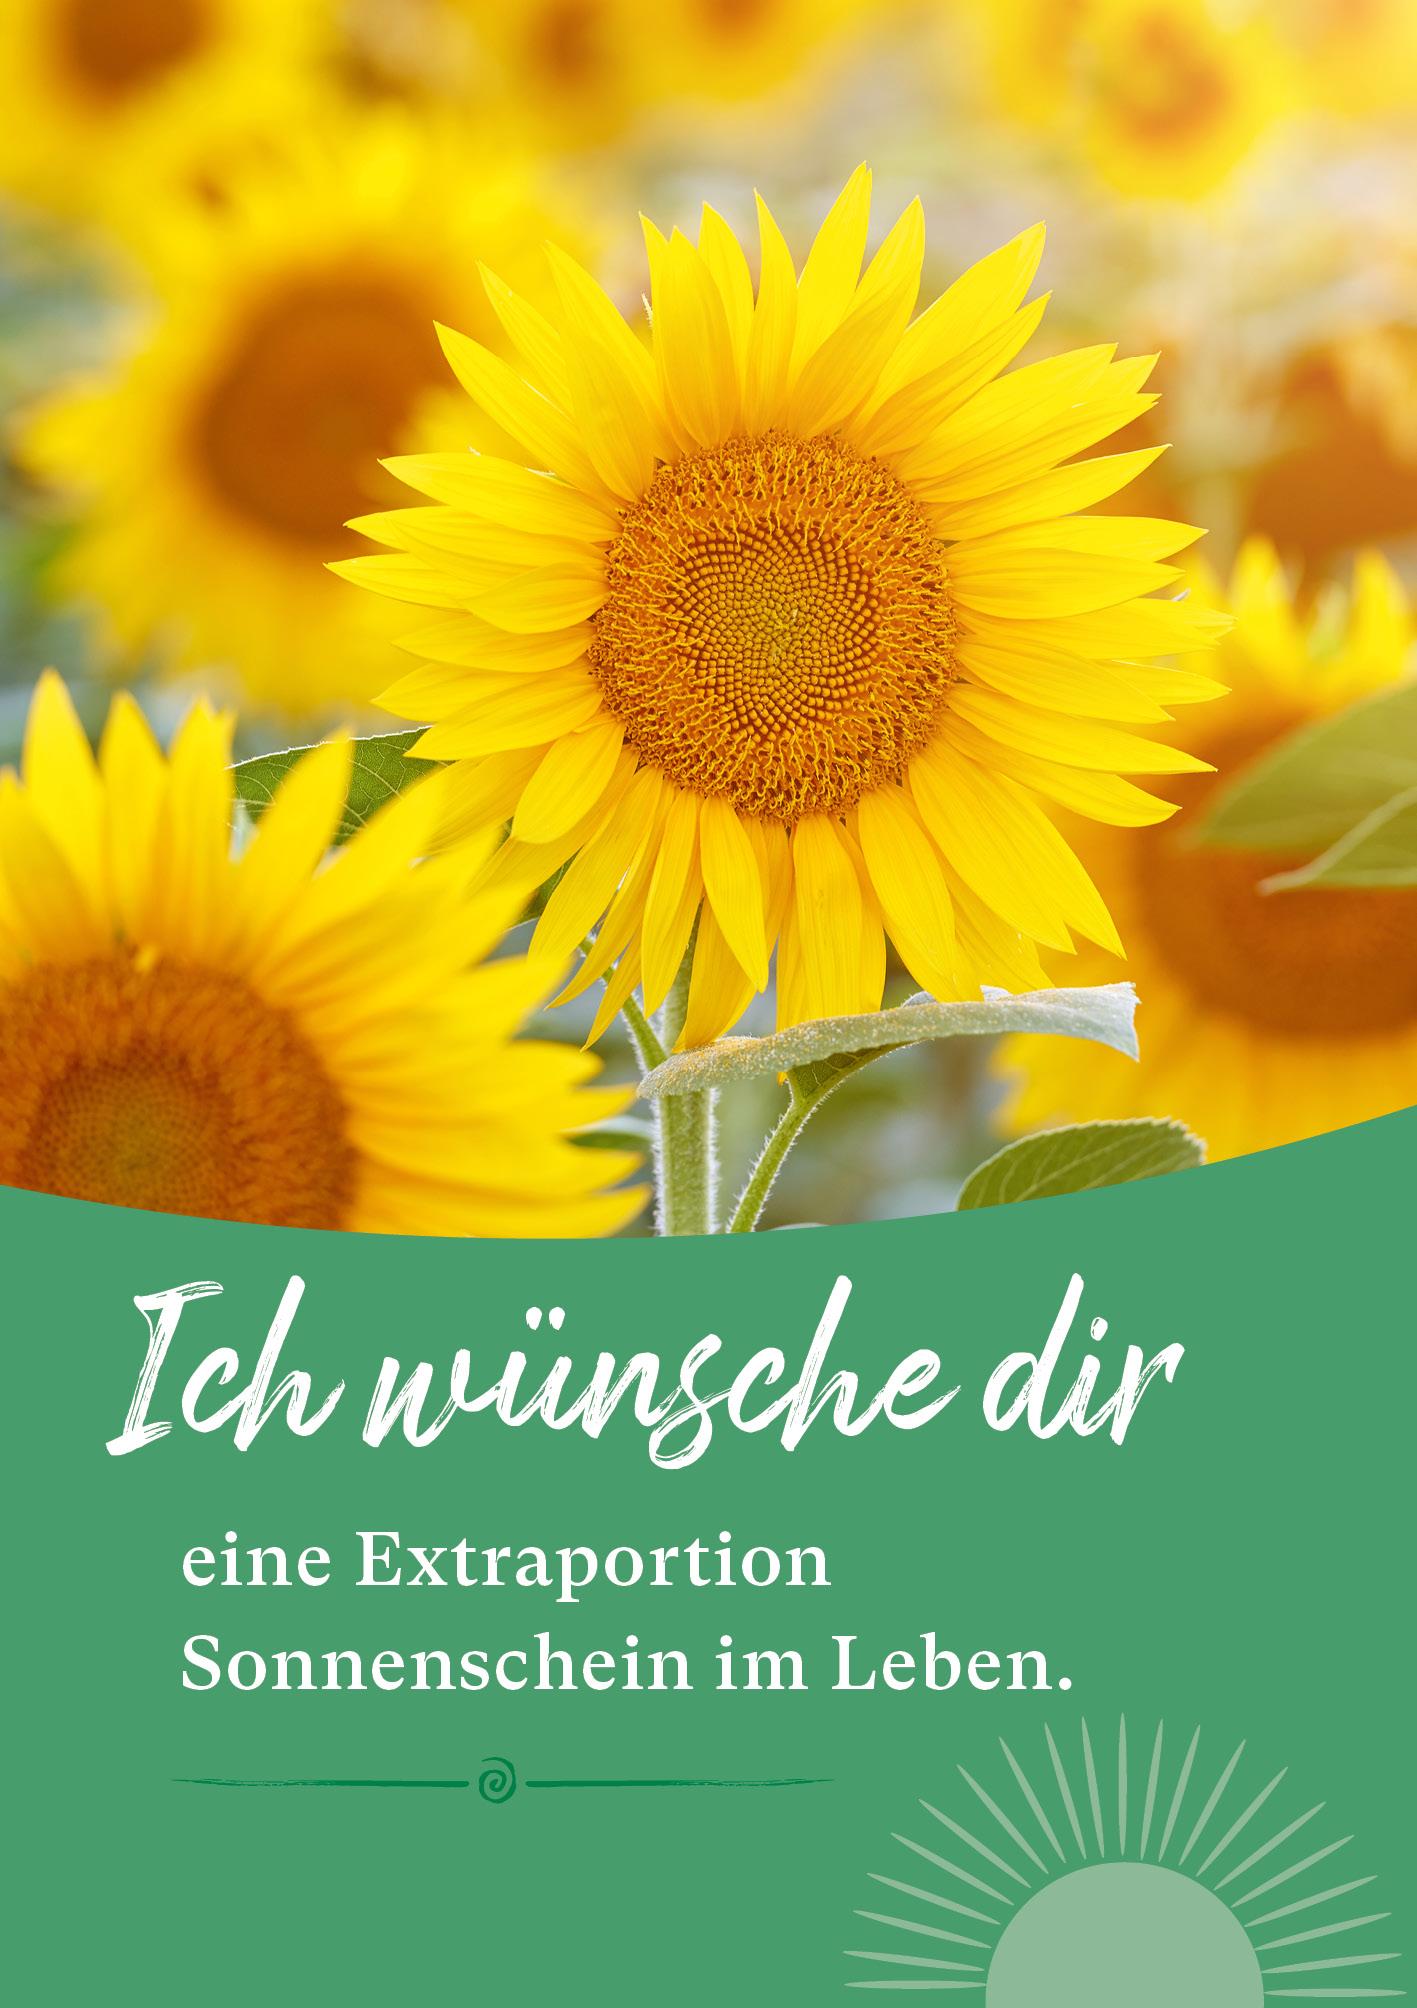 Kunst-Postkarte - Sonnenschein